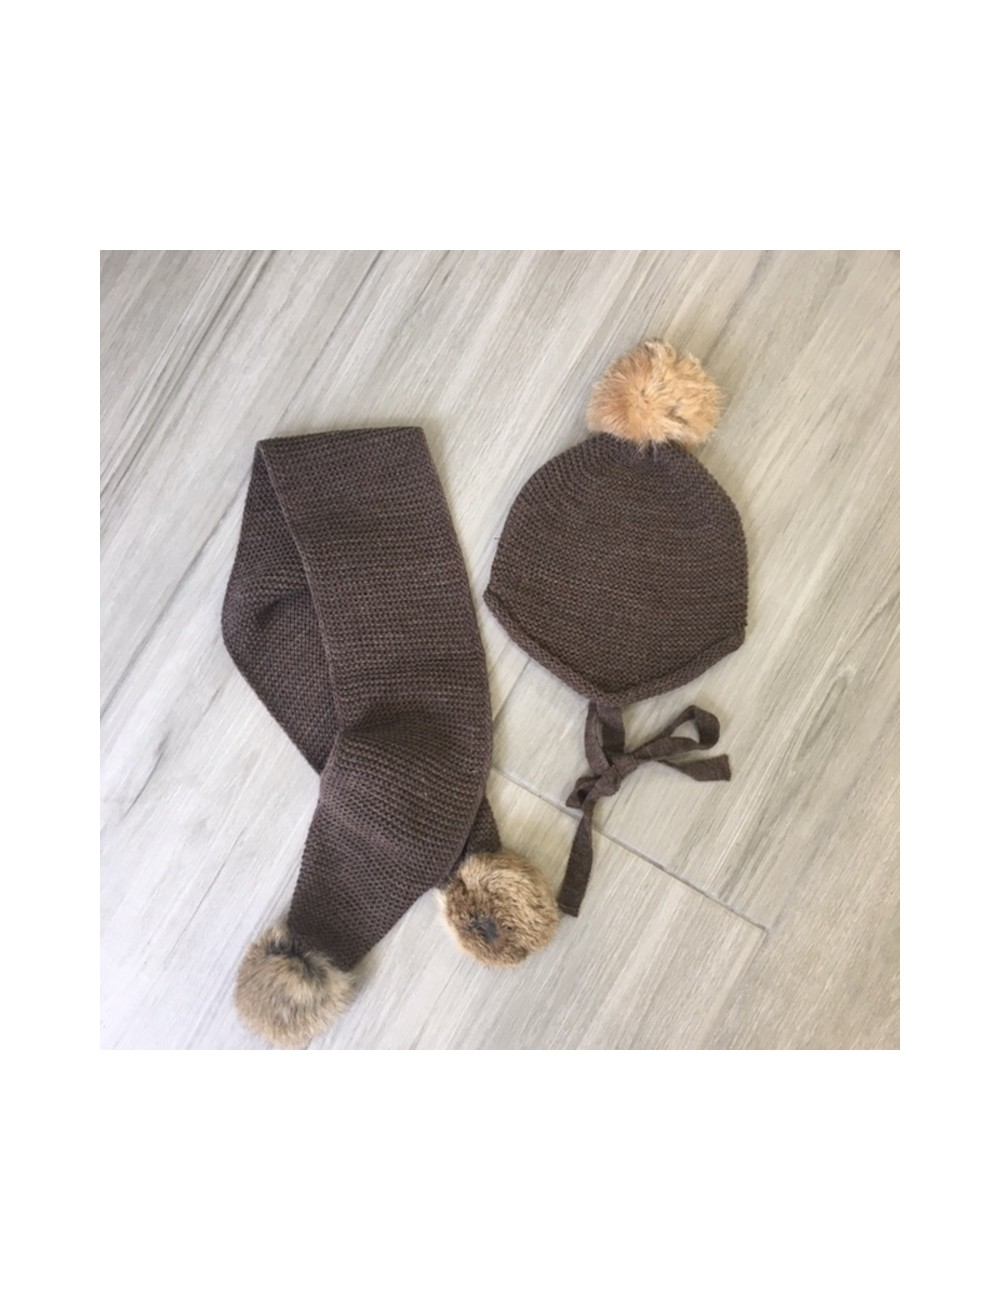 Conjunto formado por gorro y bufanda color marron chocolate con borlas en color natural de Paloma de la O